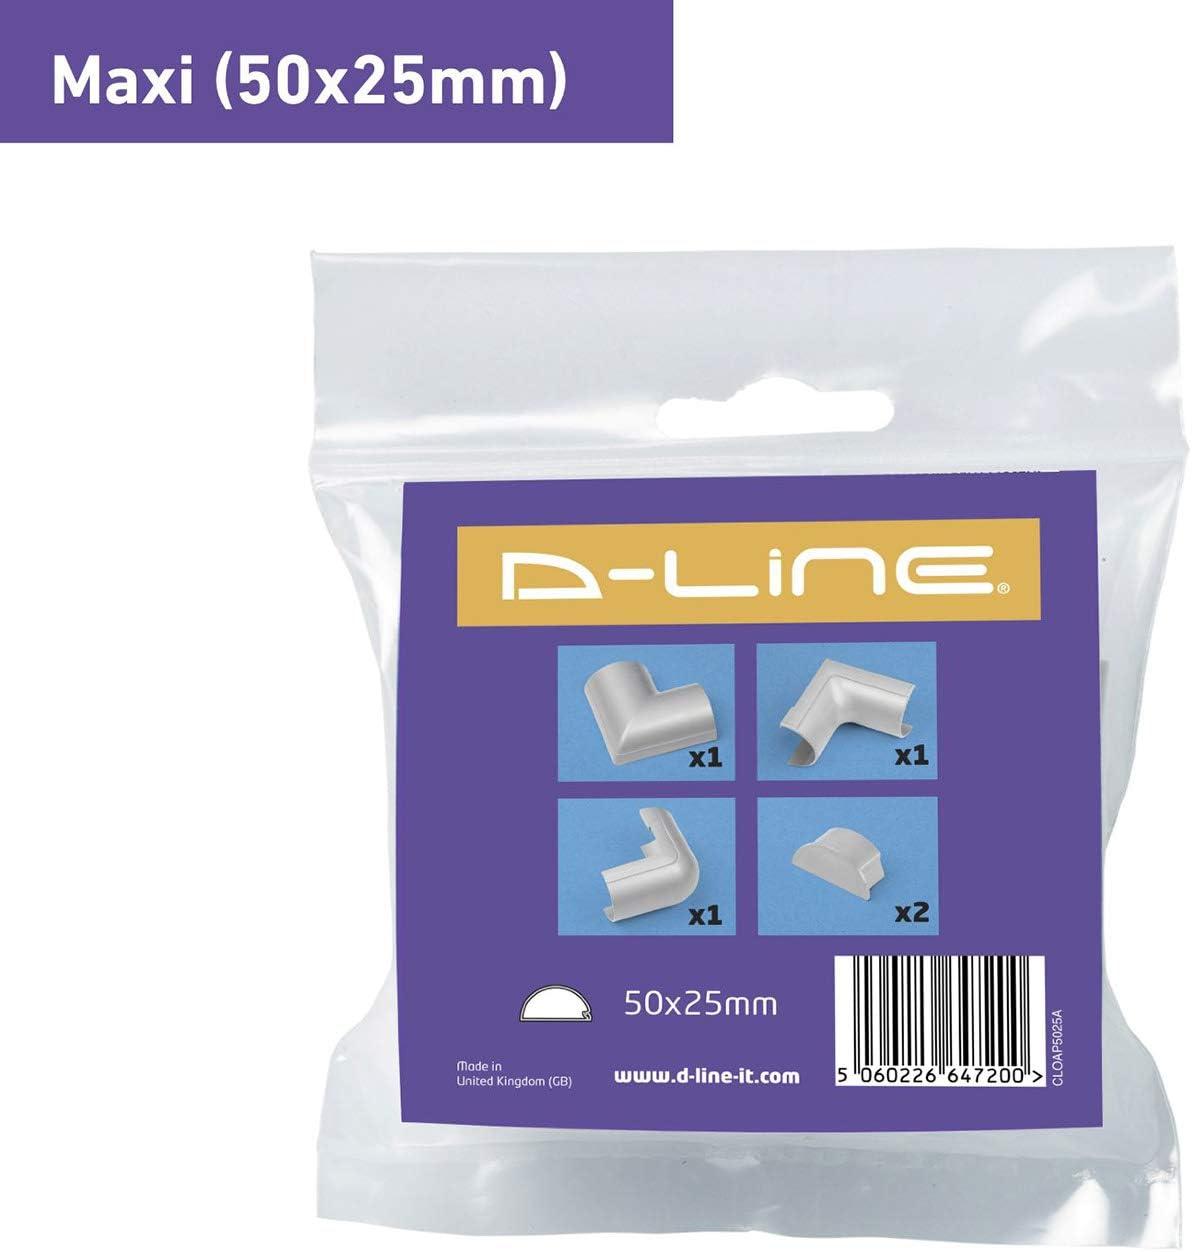 Multipack de 5 pi/èces raccords de goulotte /électrique Joindre plusieurs goulottes de 50x25mm Raccords /à clipser pour D-Line goulotte moulure Maxi Effet Aluminium